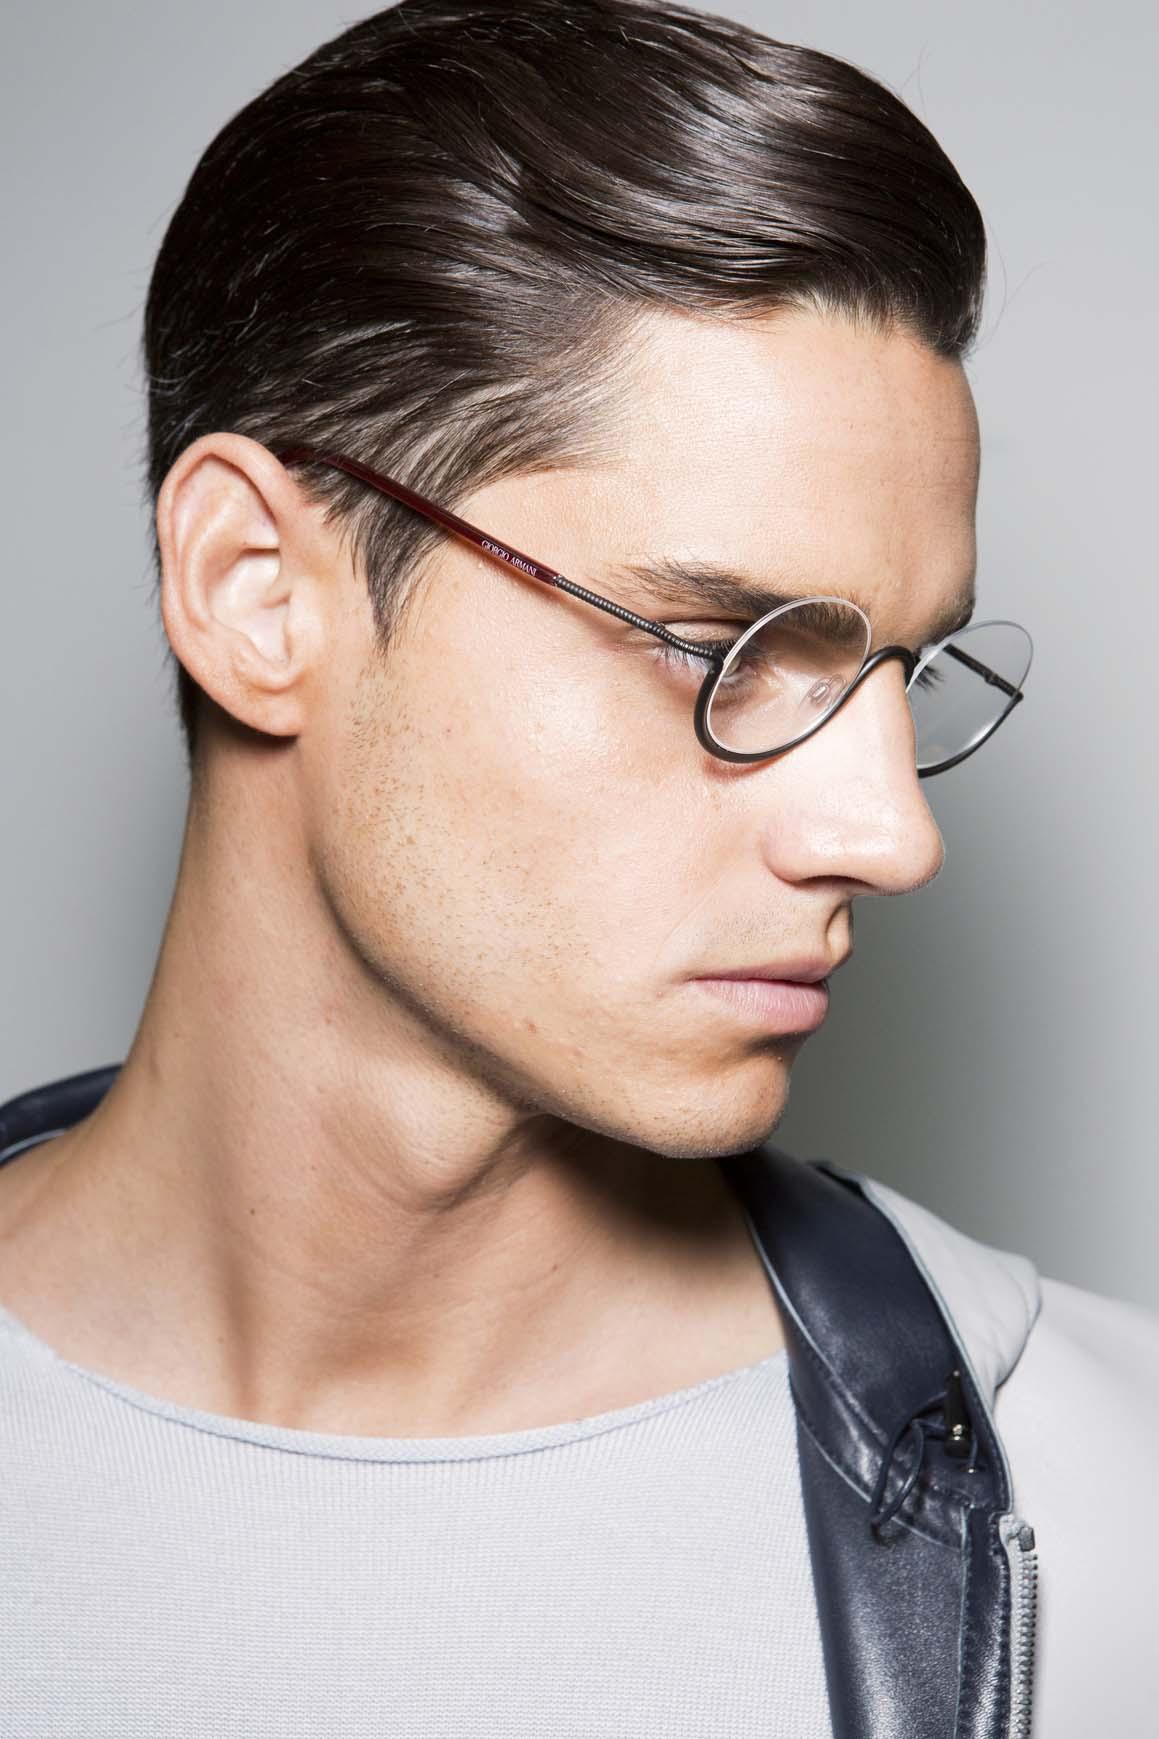 Taper Haircut 5 Hair Ideas For Men